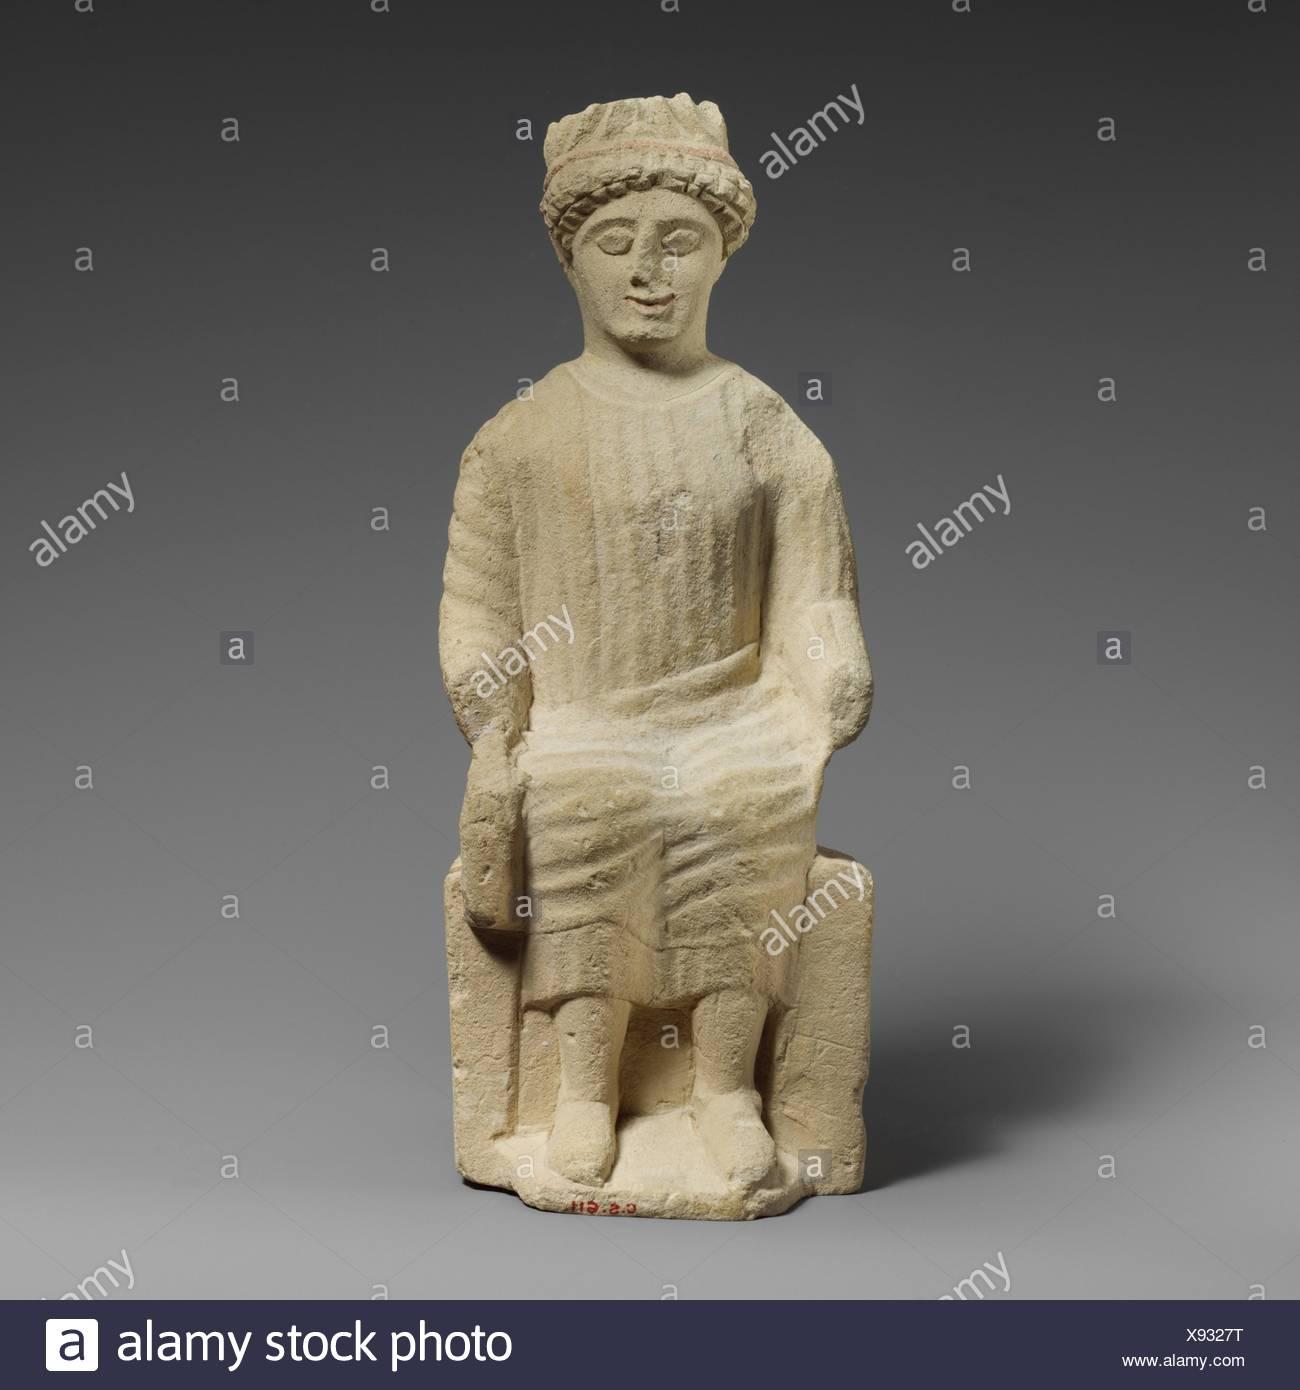 Statuette en pierre calcaire d'un homme imberbe votary assis. Période: Classical; Date: 2ème moitié du 5ème siècle avant J.C, Culture: moyen; chypriote: pierre calcaire; Banque D'Images